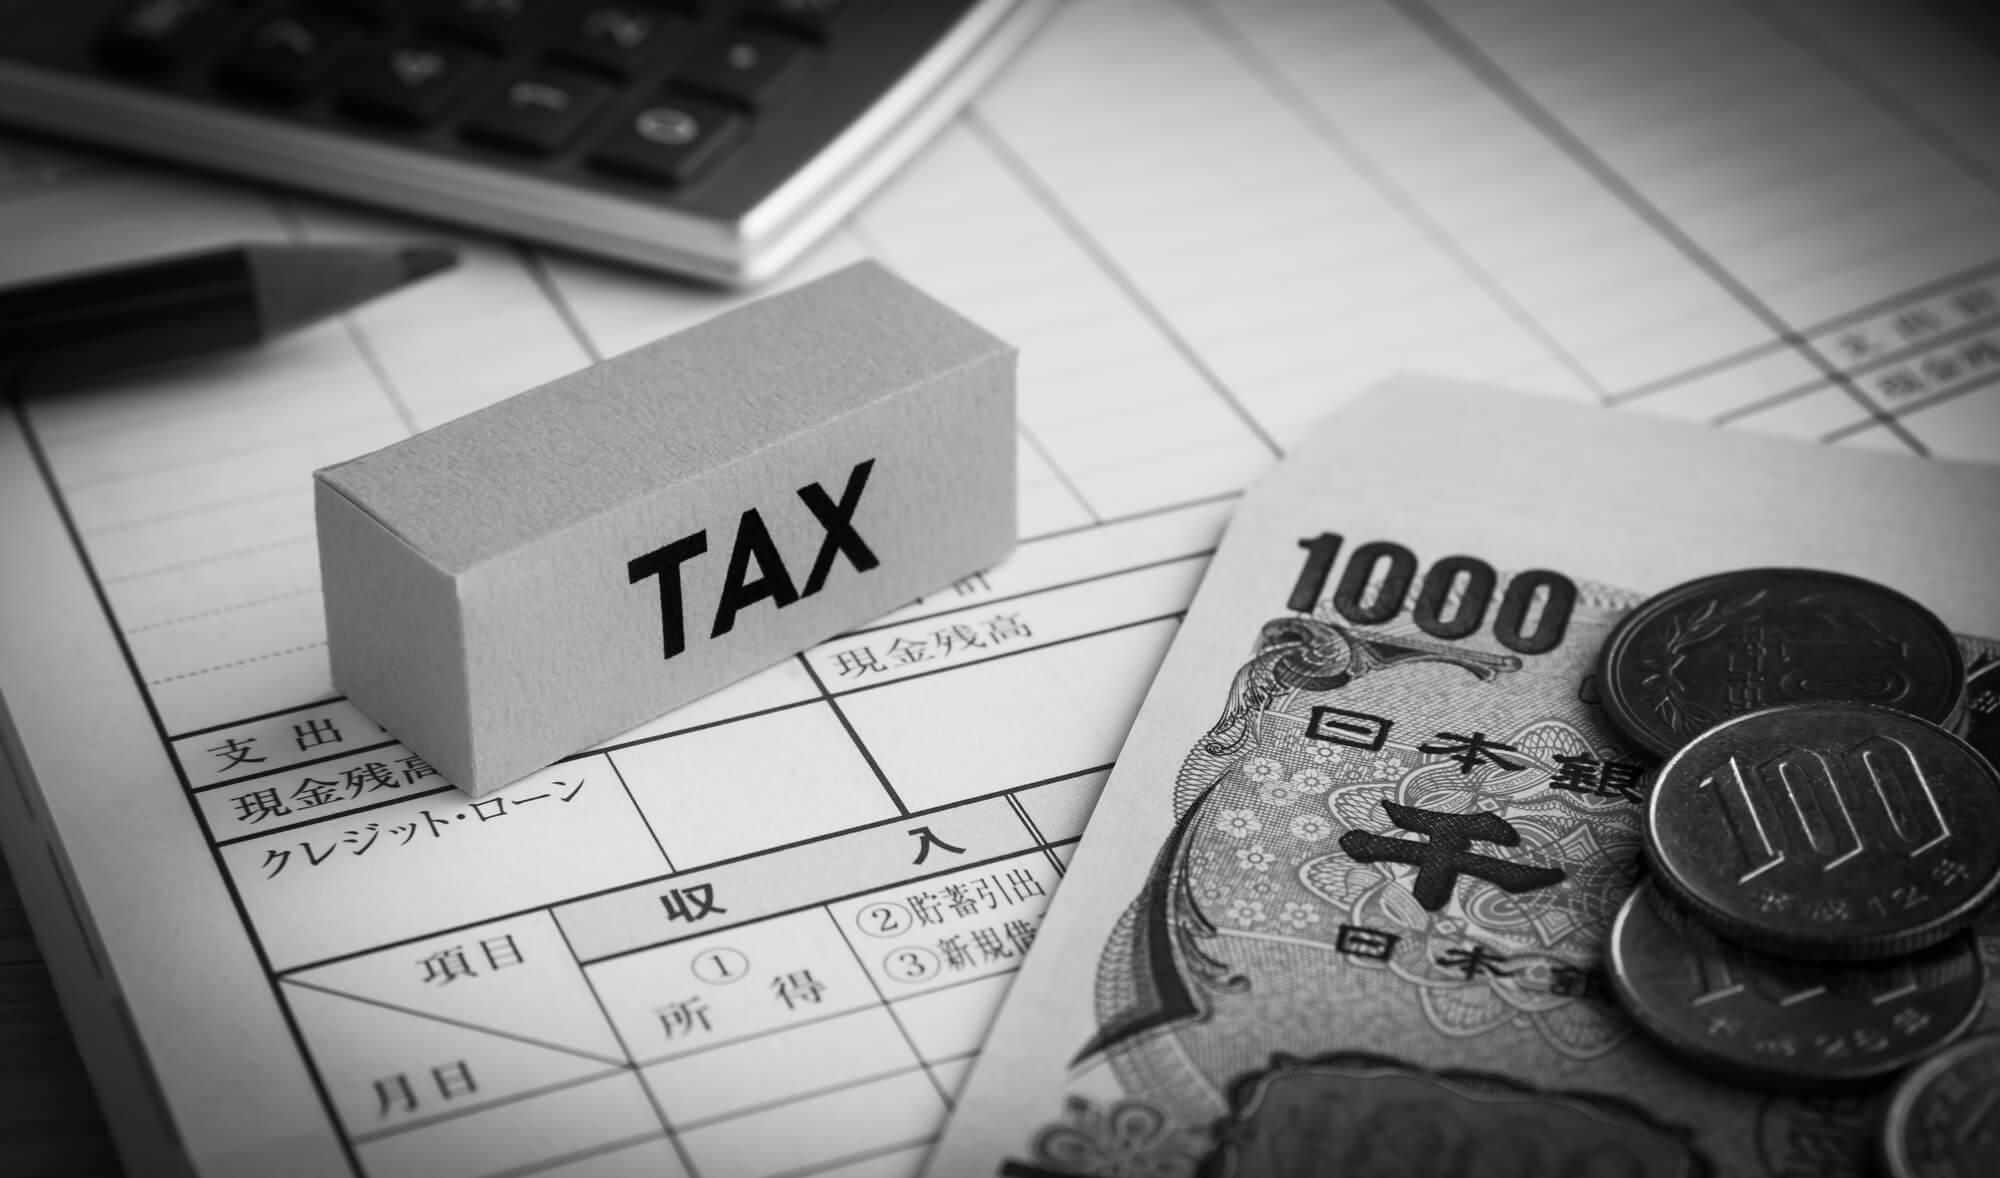 ホストの税金事情…経費の対象を知り、脱税を防ぐ